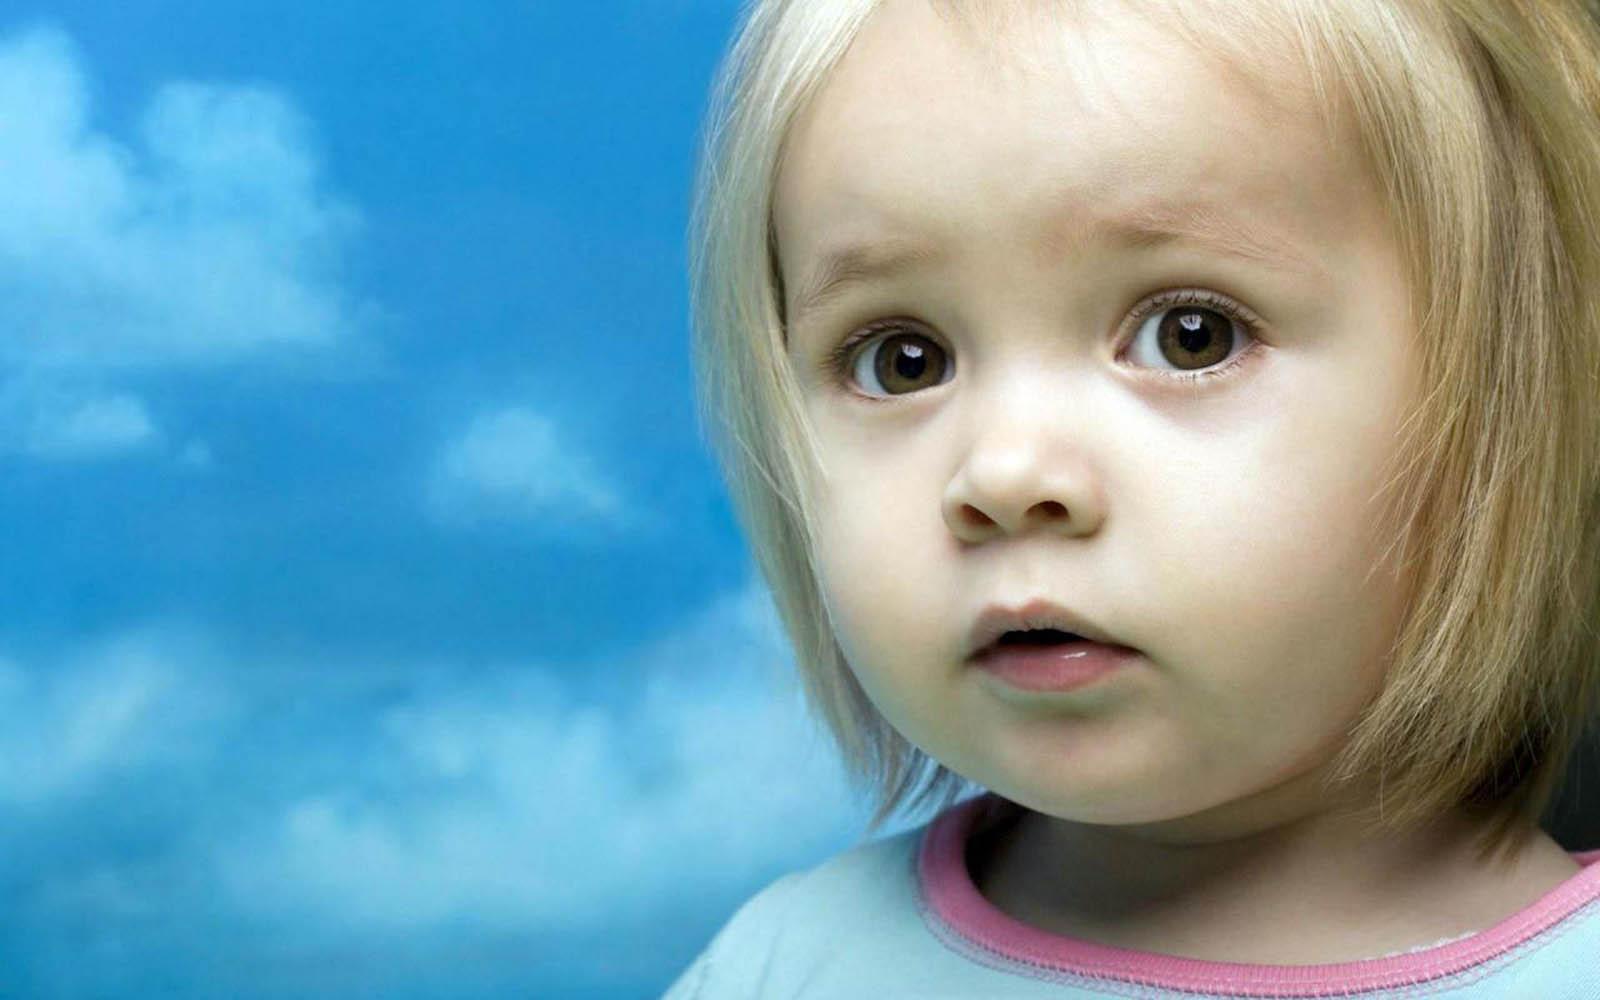 http://1.bp.blogspot.com/-vh5B-1e5km8/UOWiIxPdxeI/AAAAAAAAQic/YbH--DHY7GQ/s1600/Innocent+Babies+Wallpapers+09.jpg